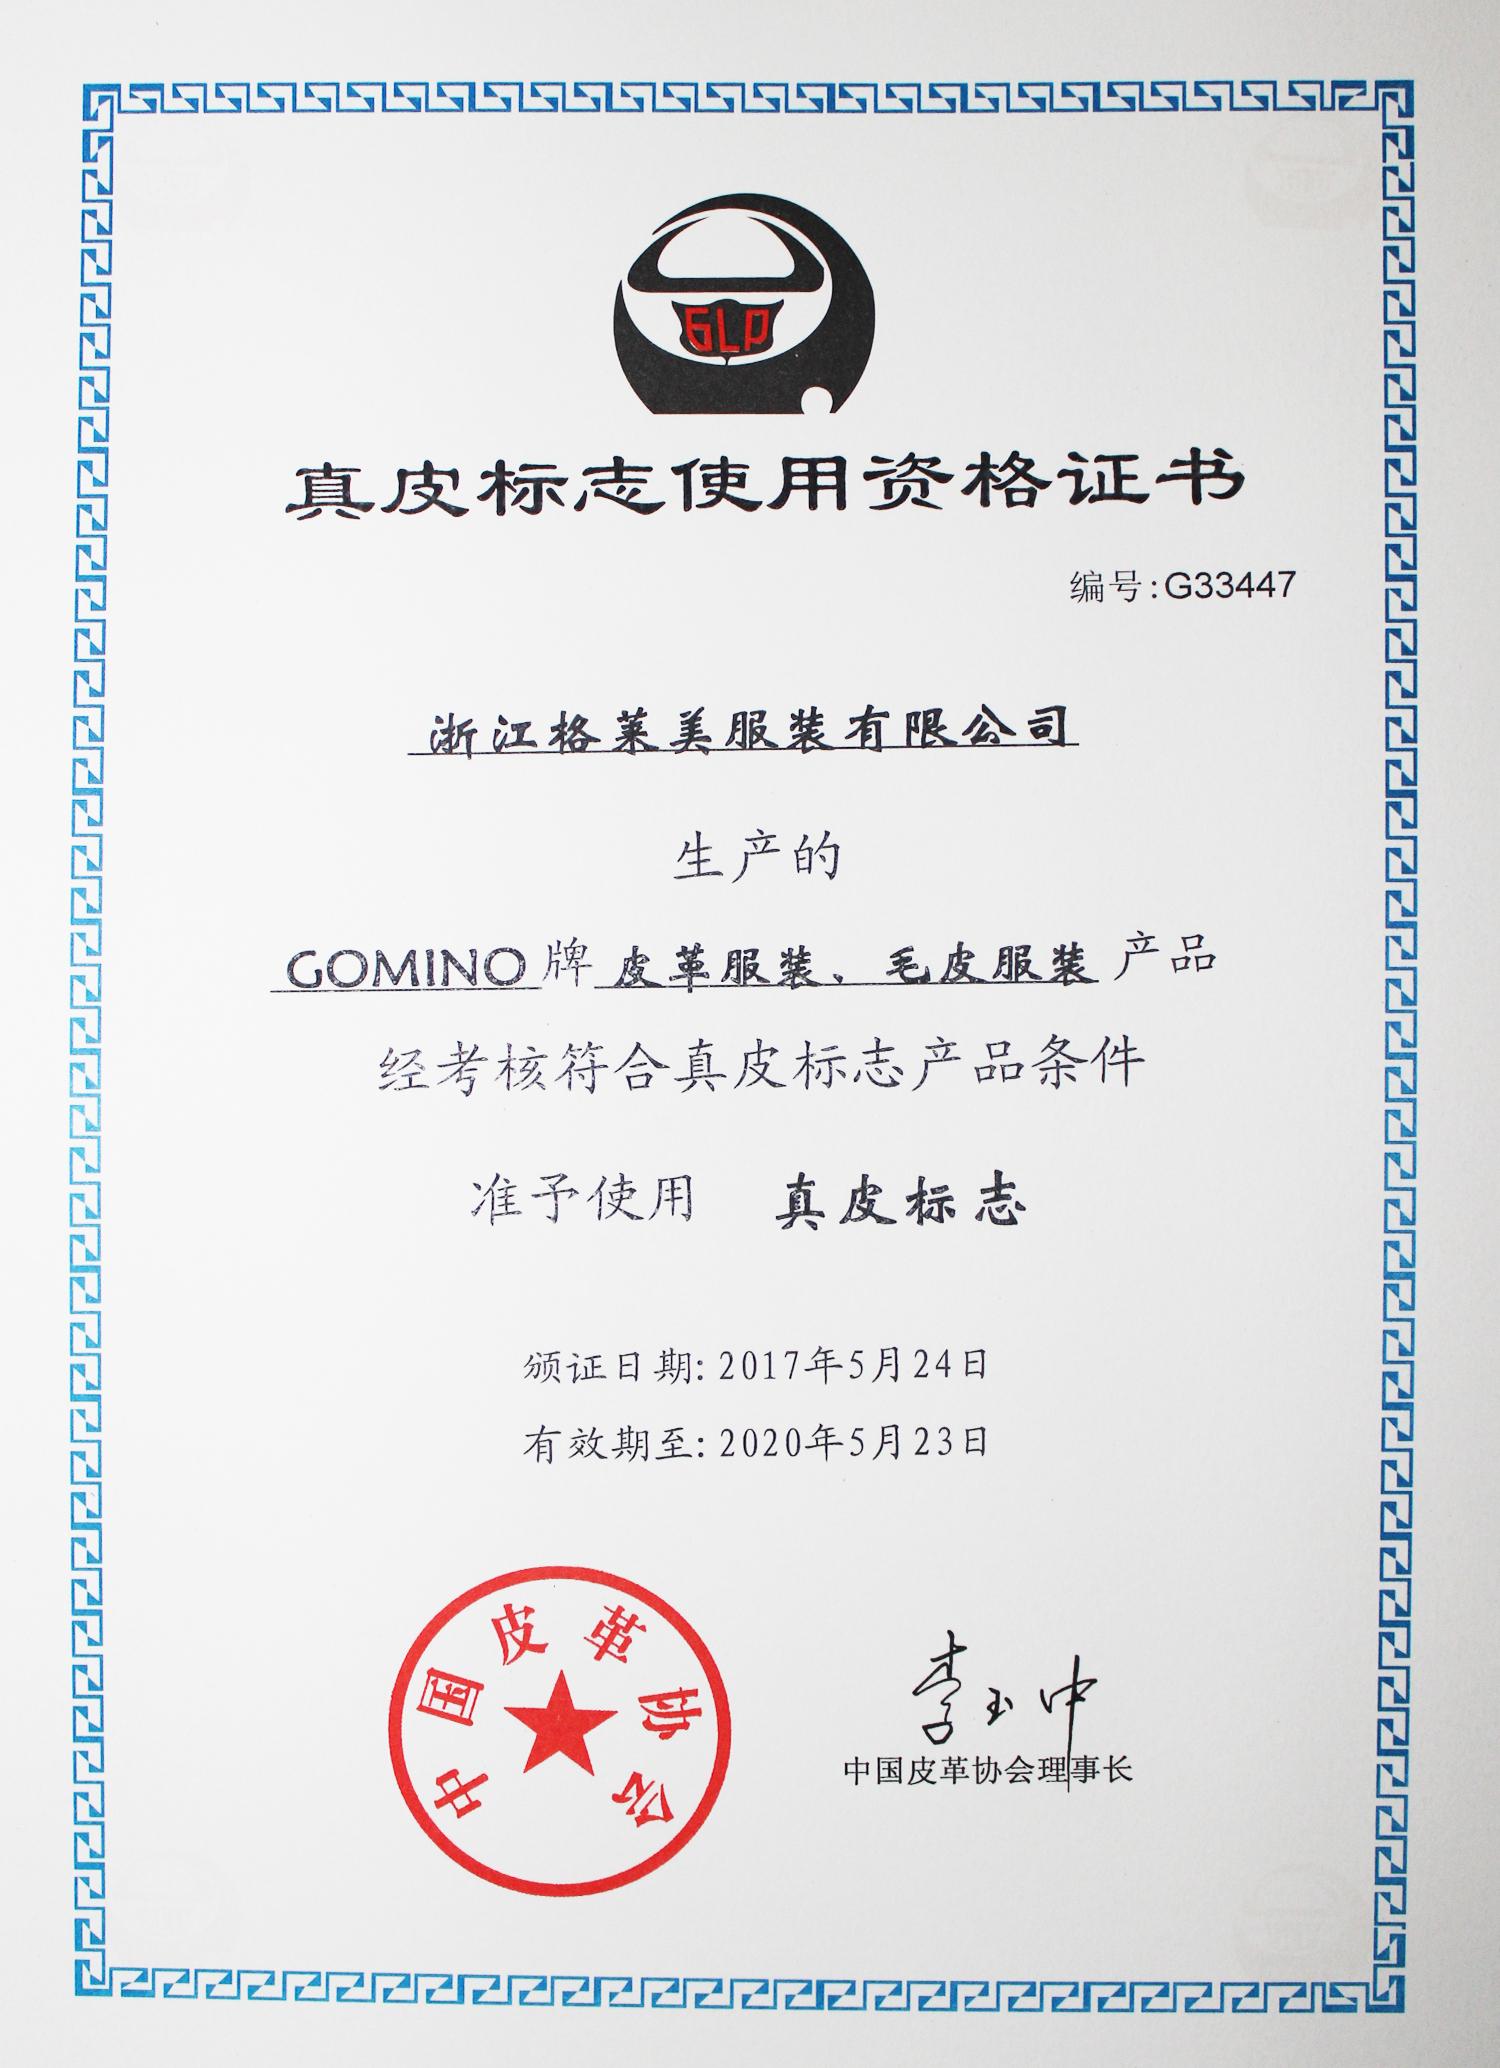 GOMINO嘉兴名牌证书2017